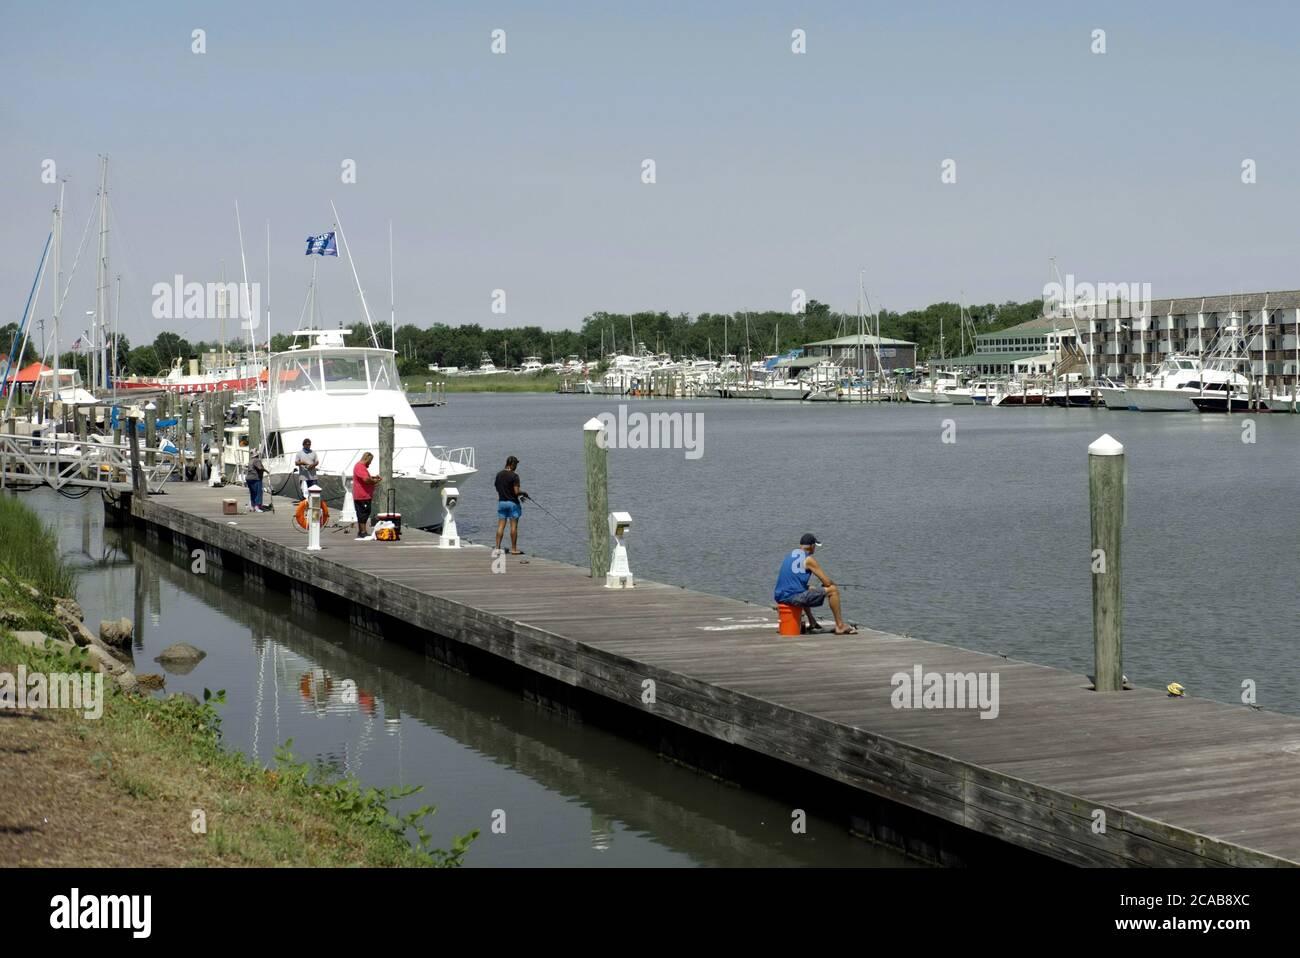 Un groupe de pêcheurs à la ligne pêchant à partir d'un quai. Banque D'Images